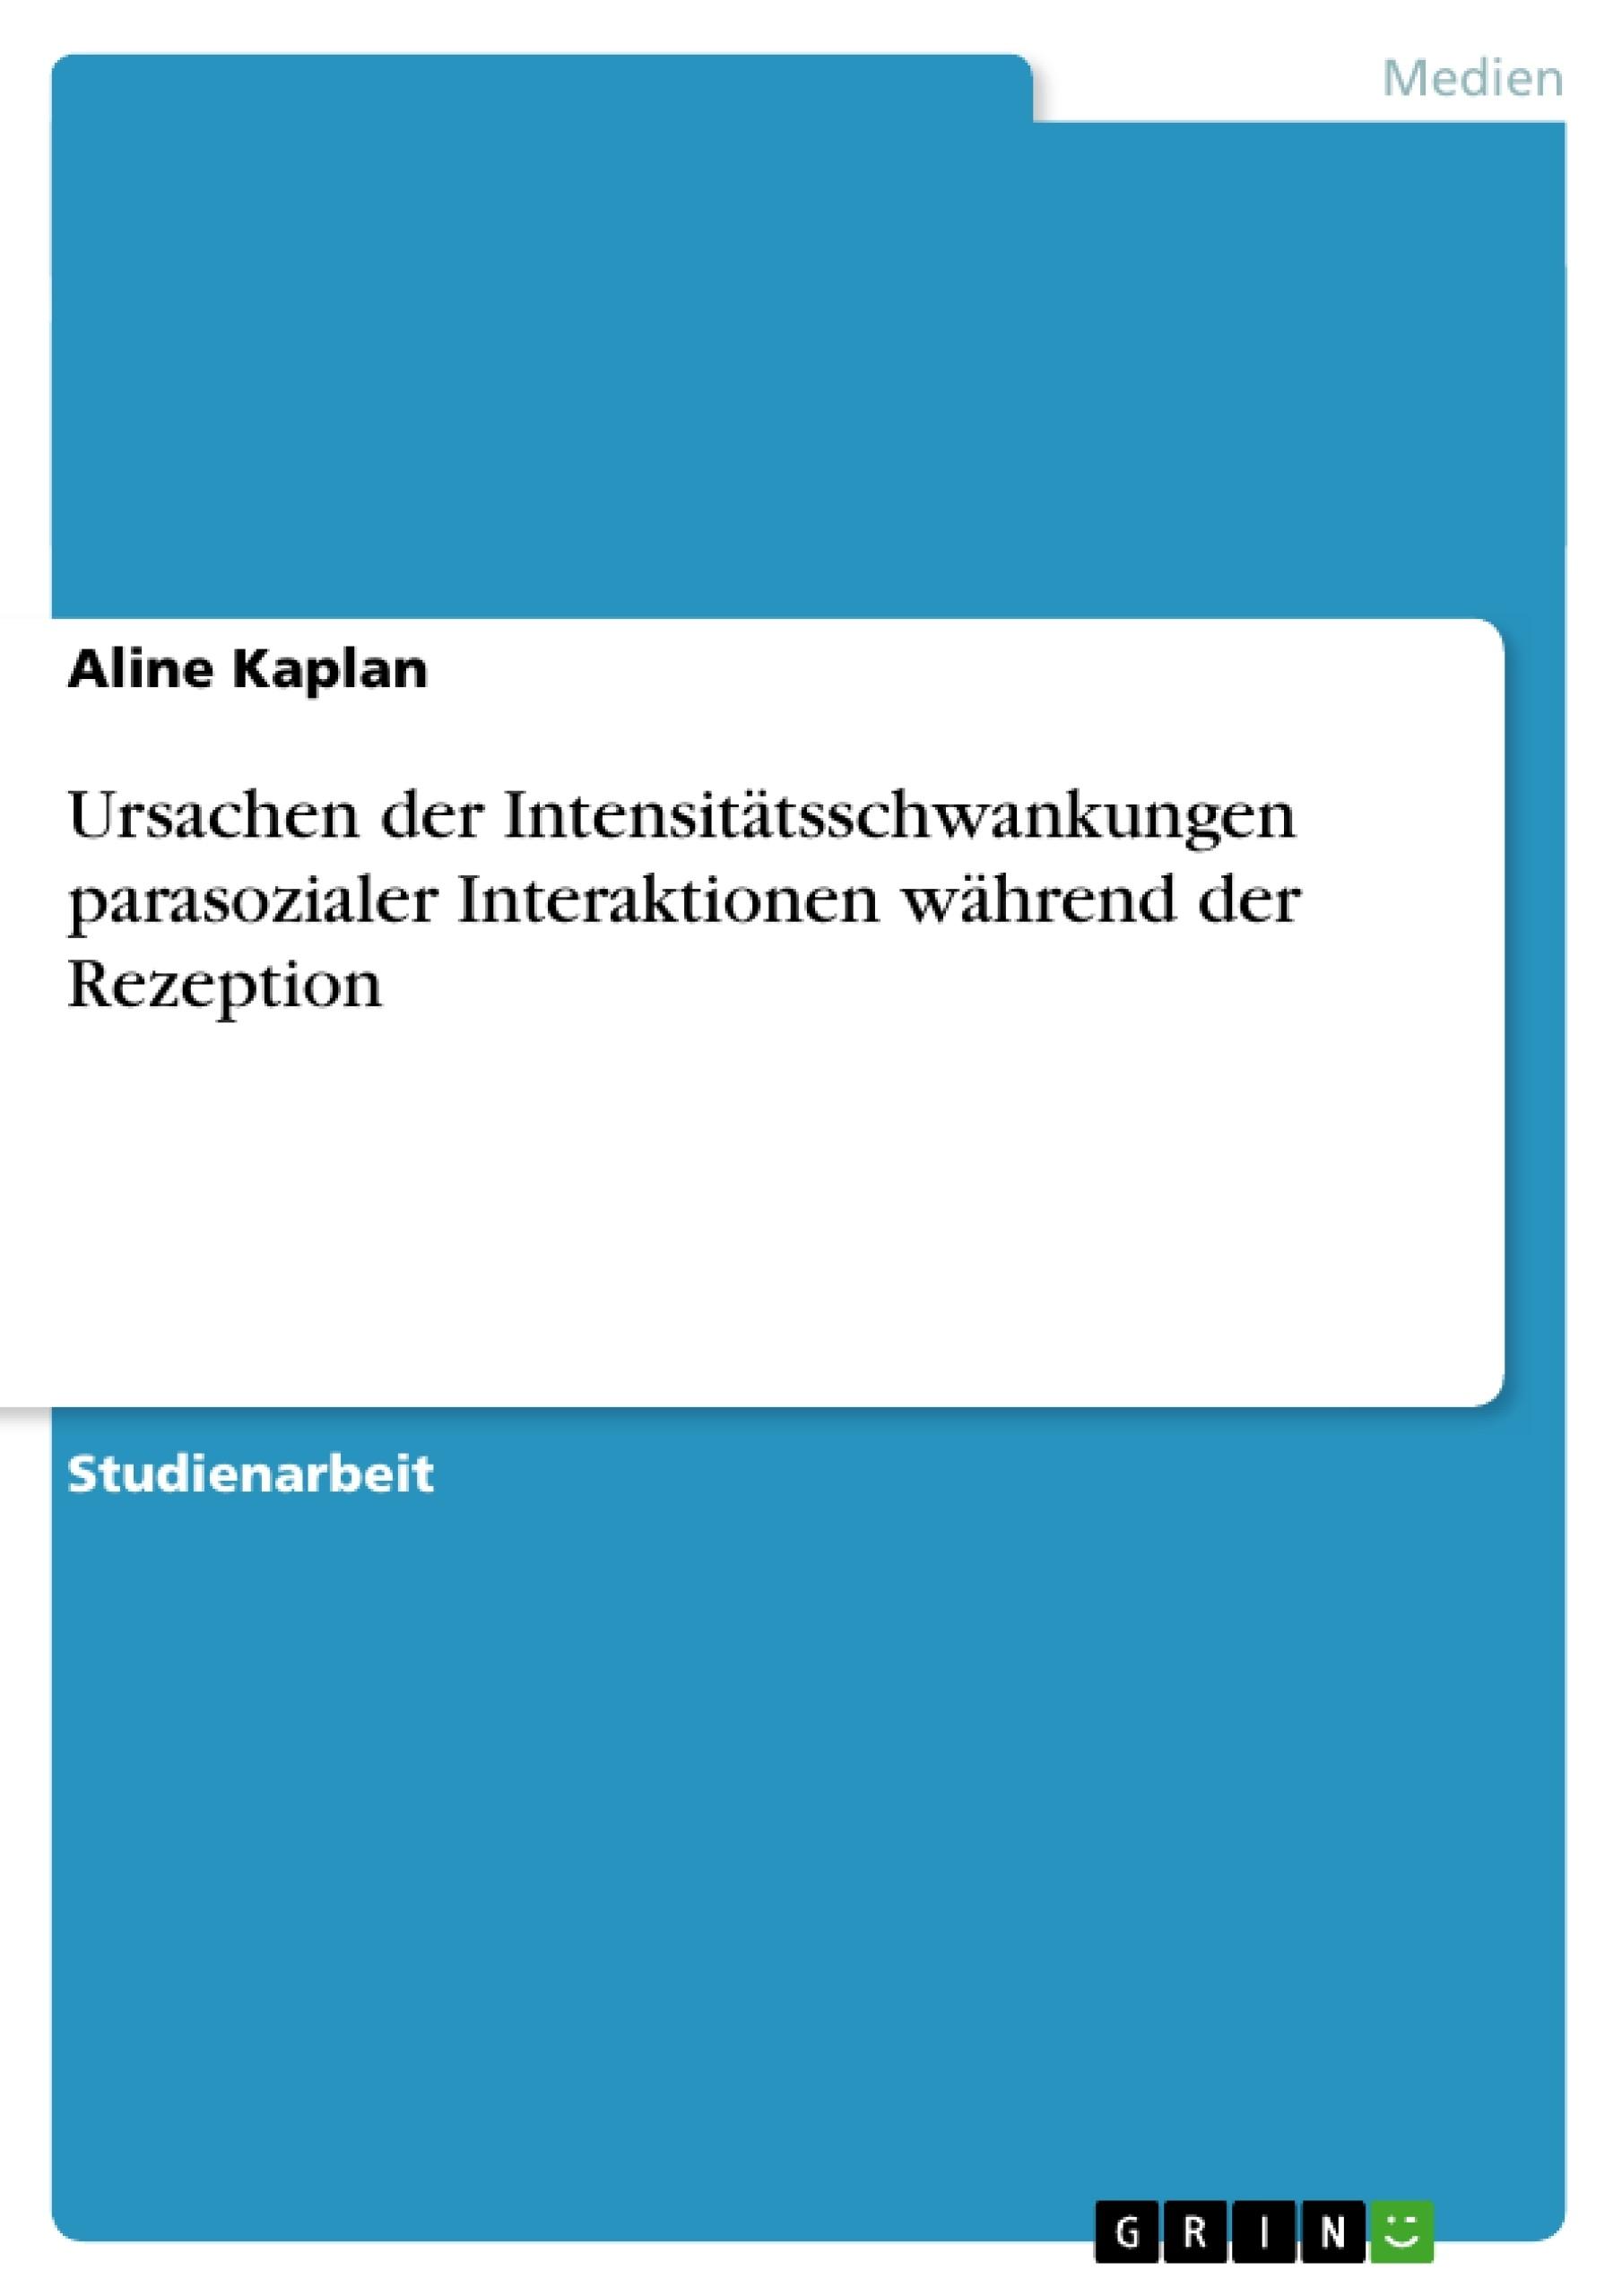 Titel: Ursachen der Intensitätsschwankungen parasozialer Interaktionen während der Rezeption